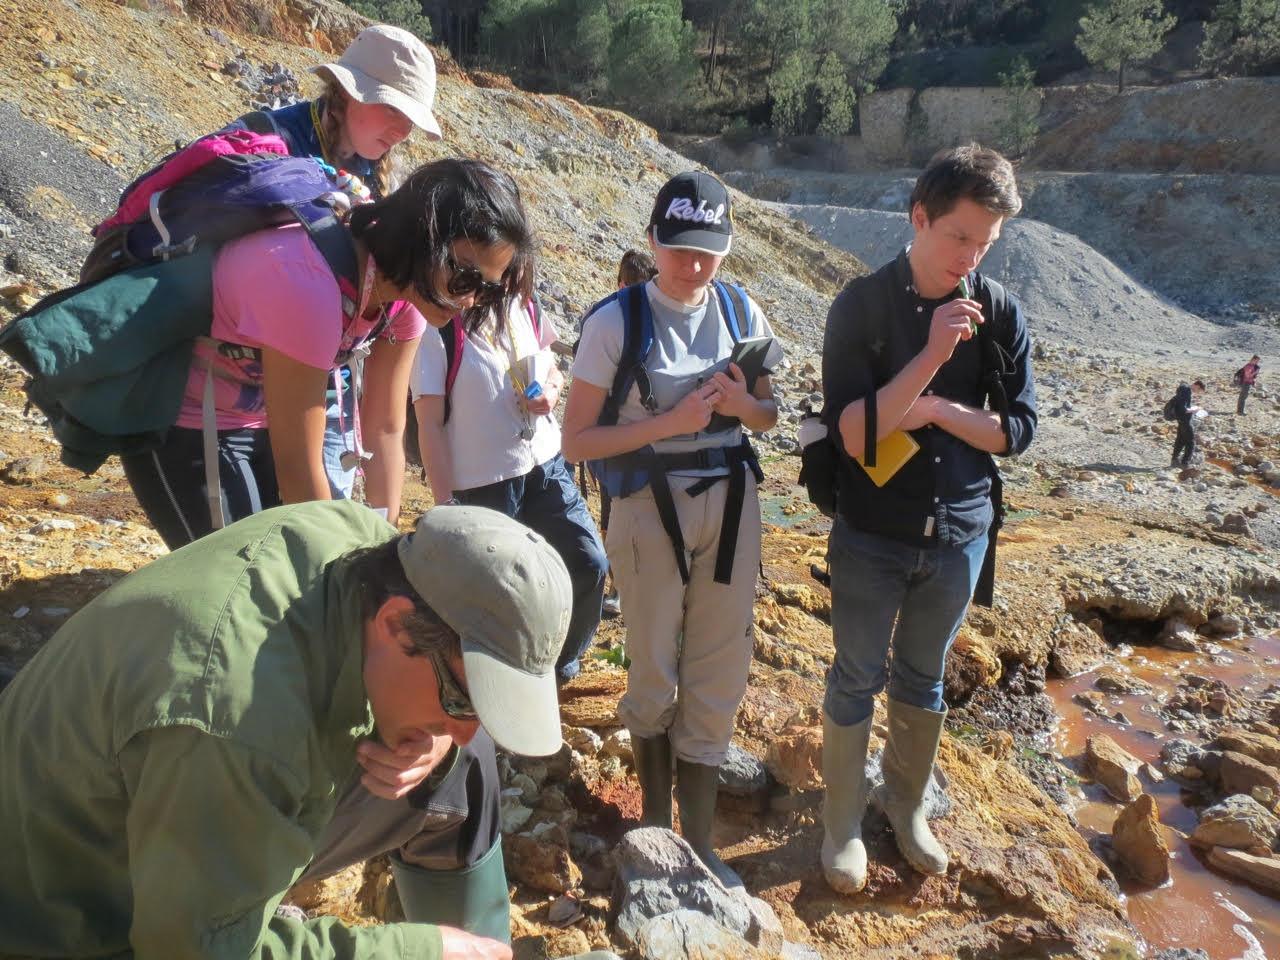 Students at Rio Tinto